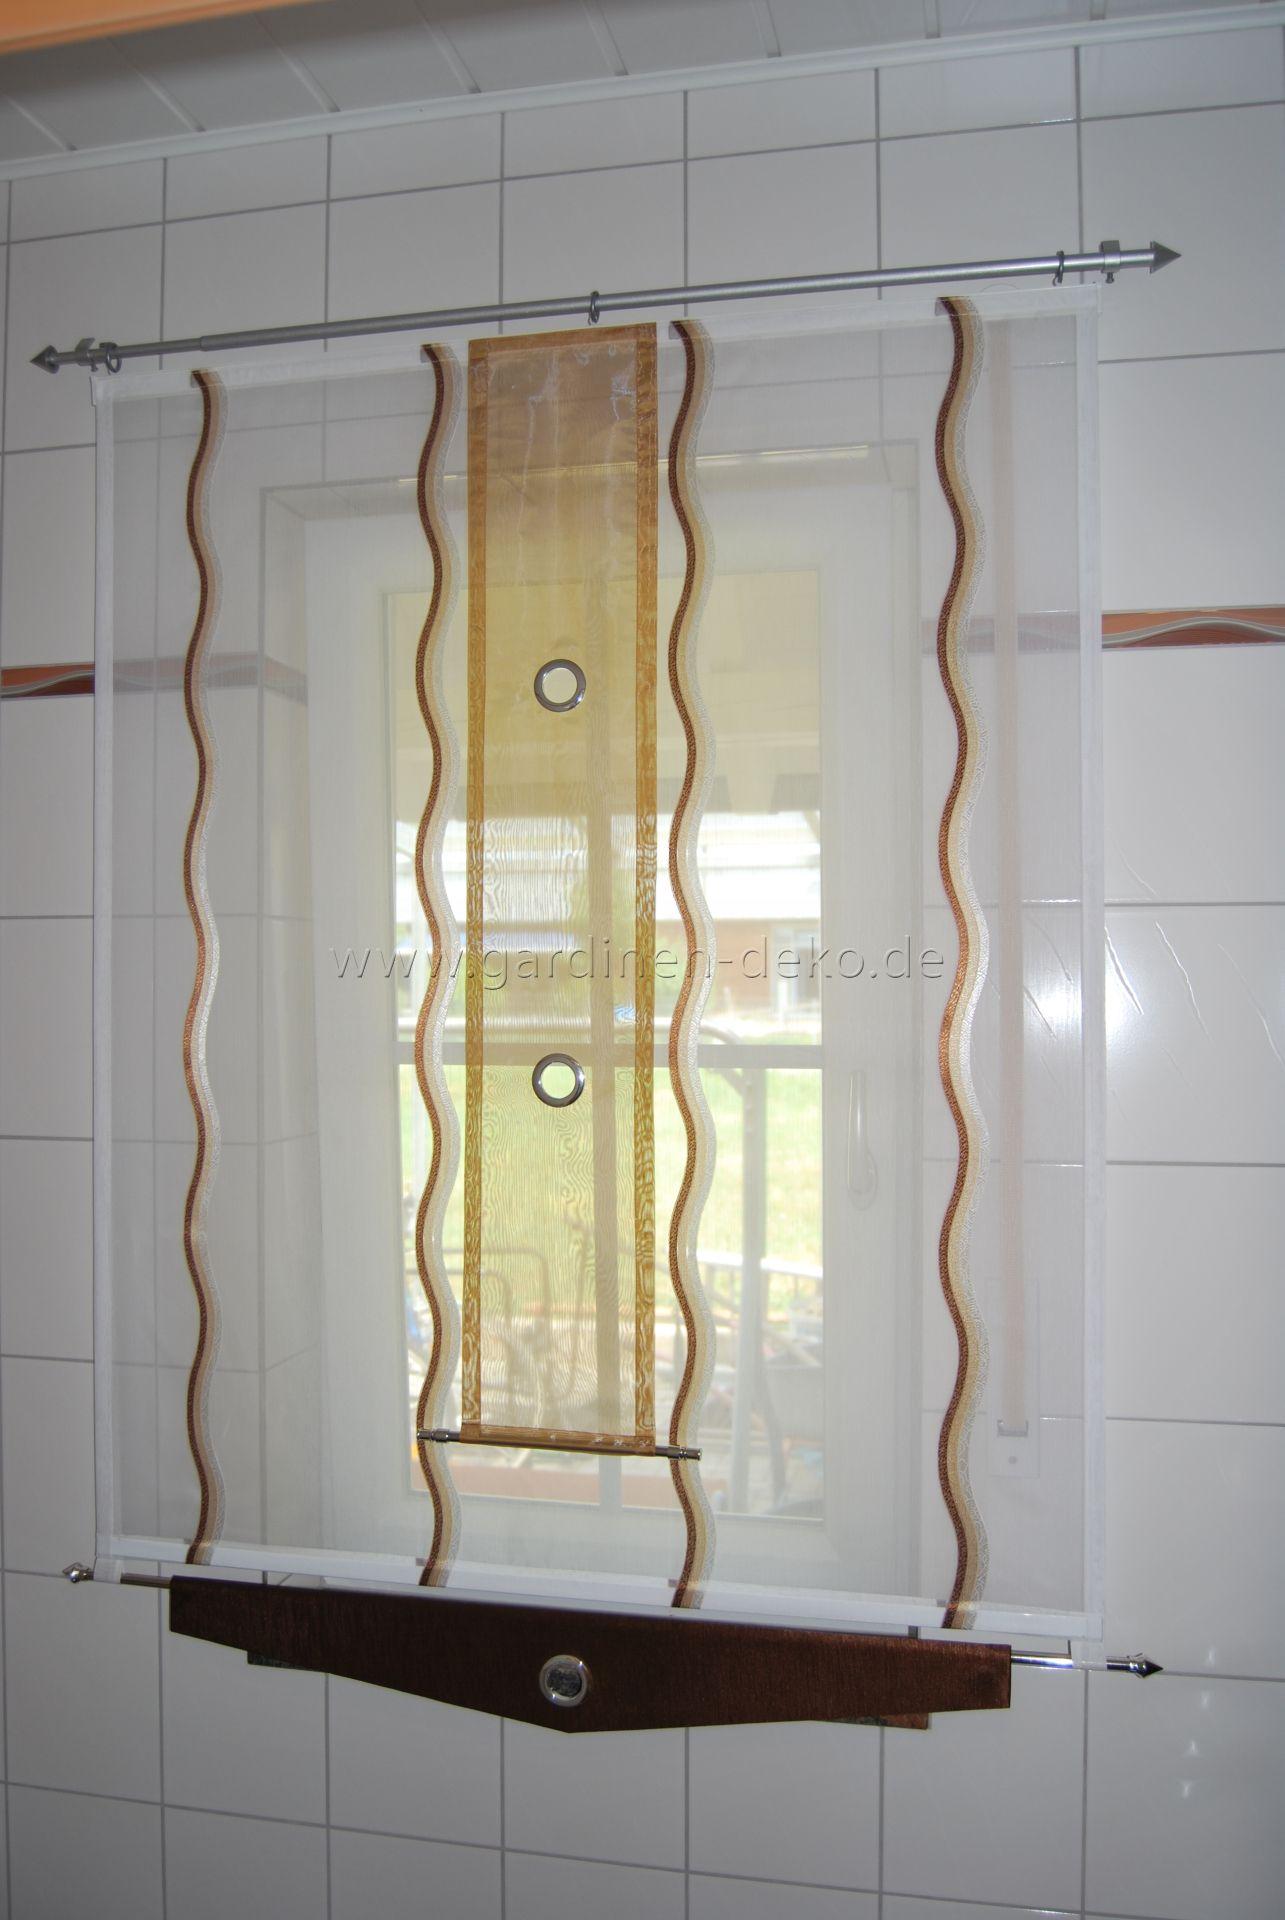 Kleiner moderner Badezimmer Schiebevorhang mit Ösen - http://www ...